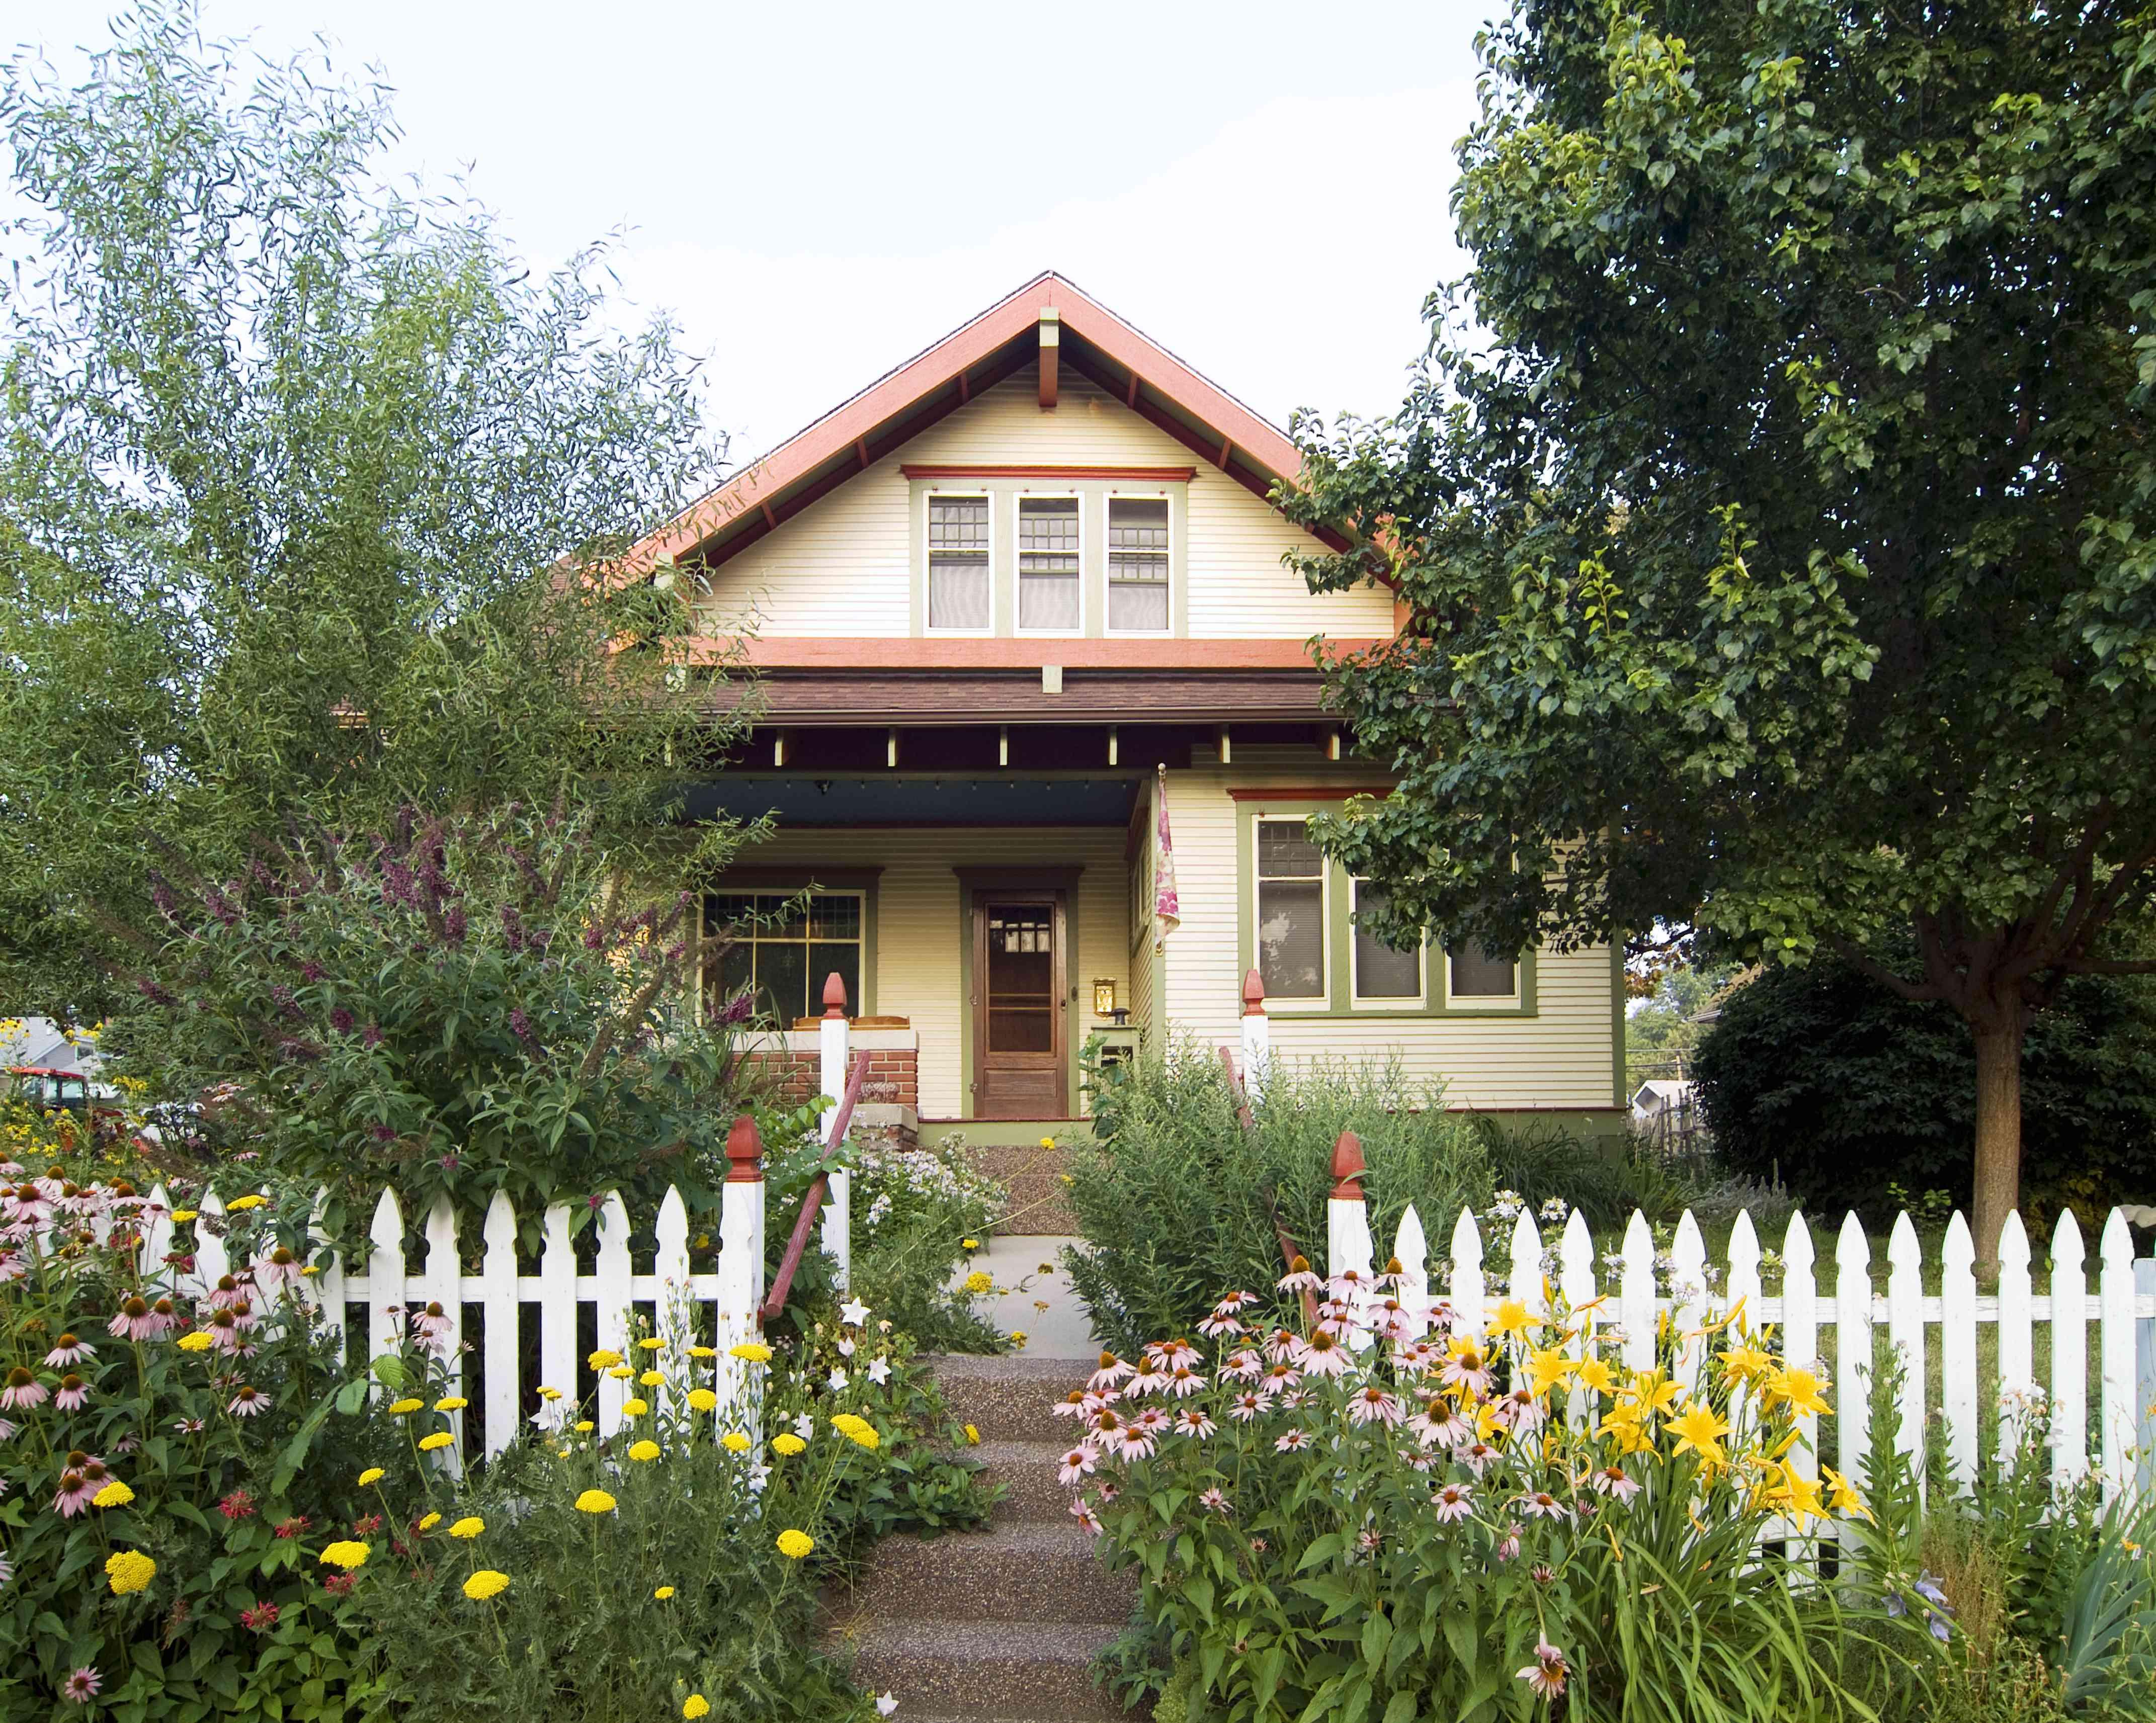 Casa del bungalow con cerca blanca